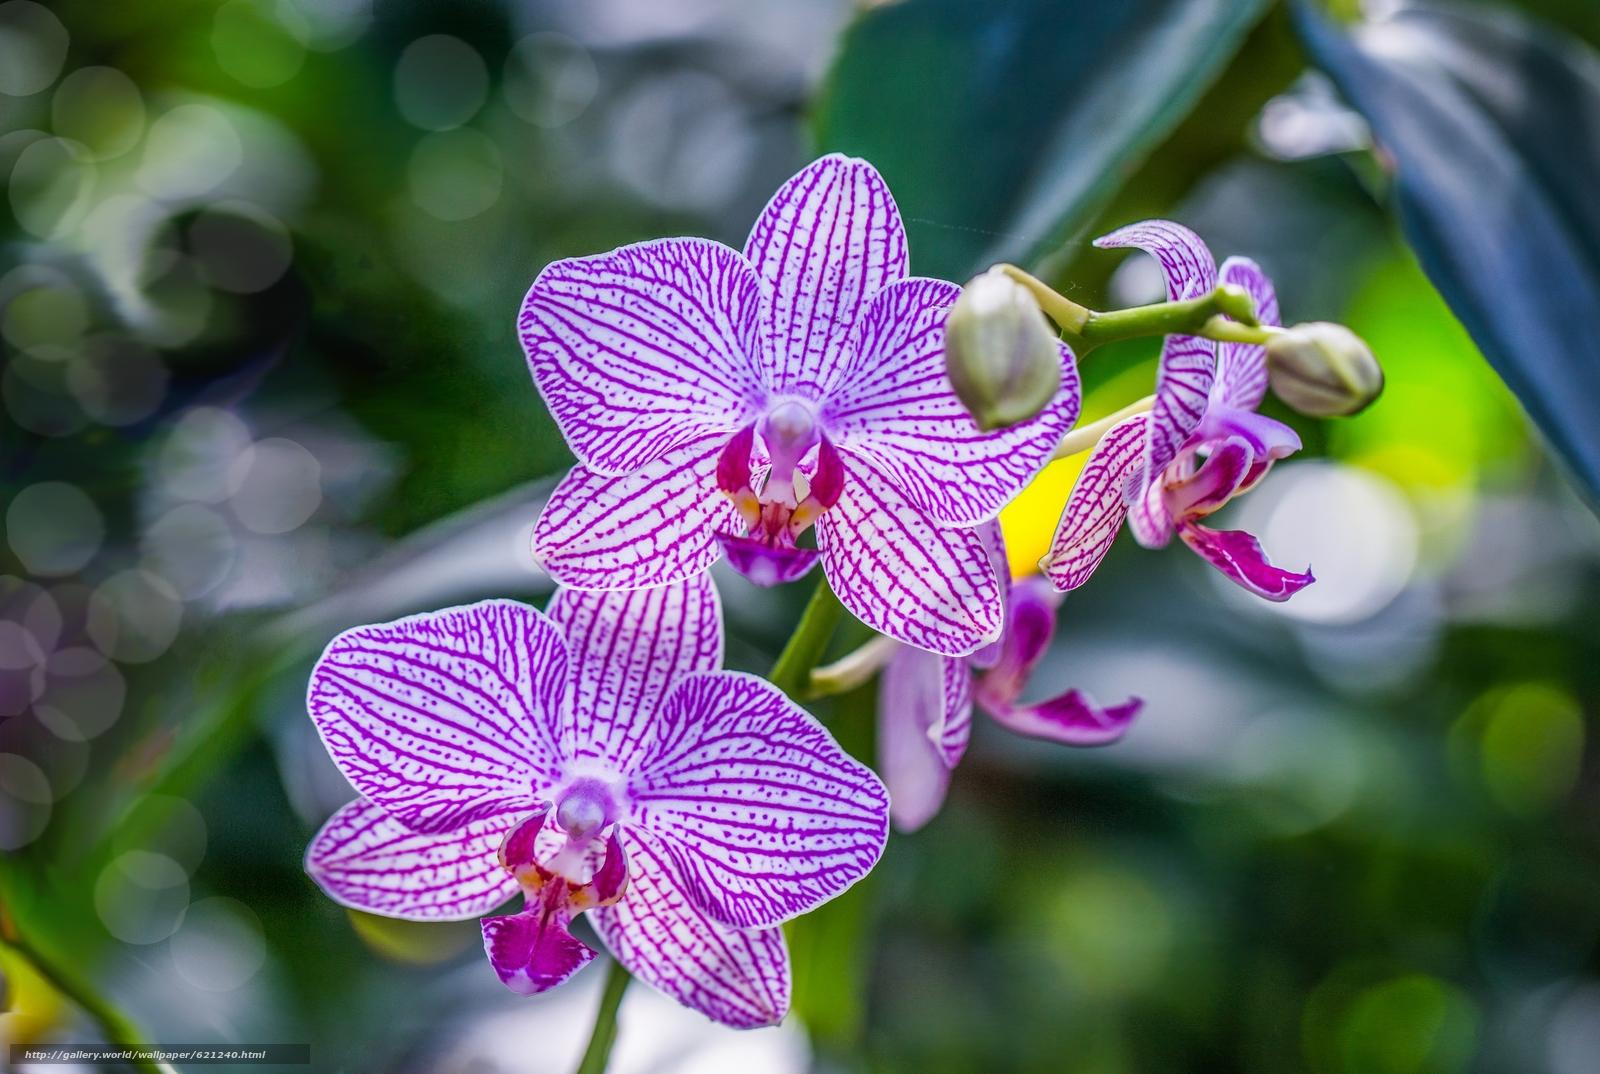 Скачать обои орхидея,  экзотика,  ветка,  макро бесплатно для рабочего стола в разрешении 5434x3648 — картинка №621240